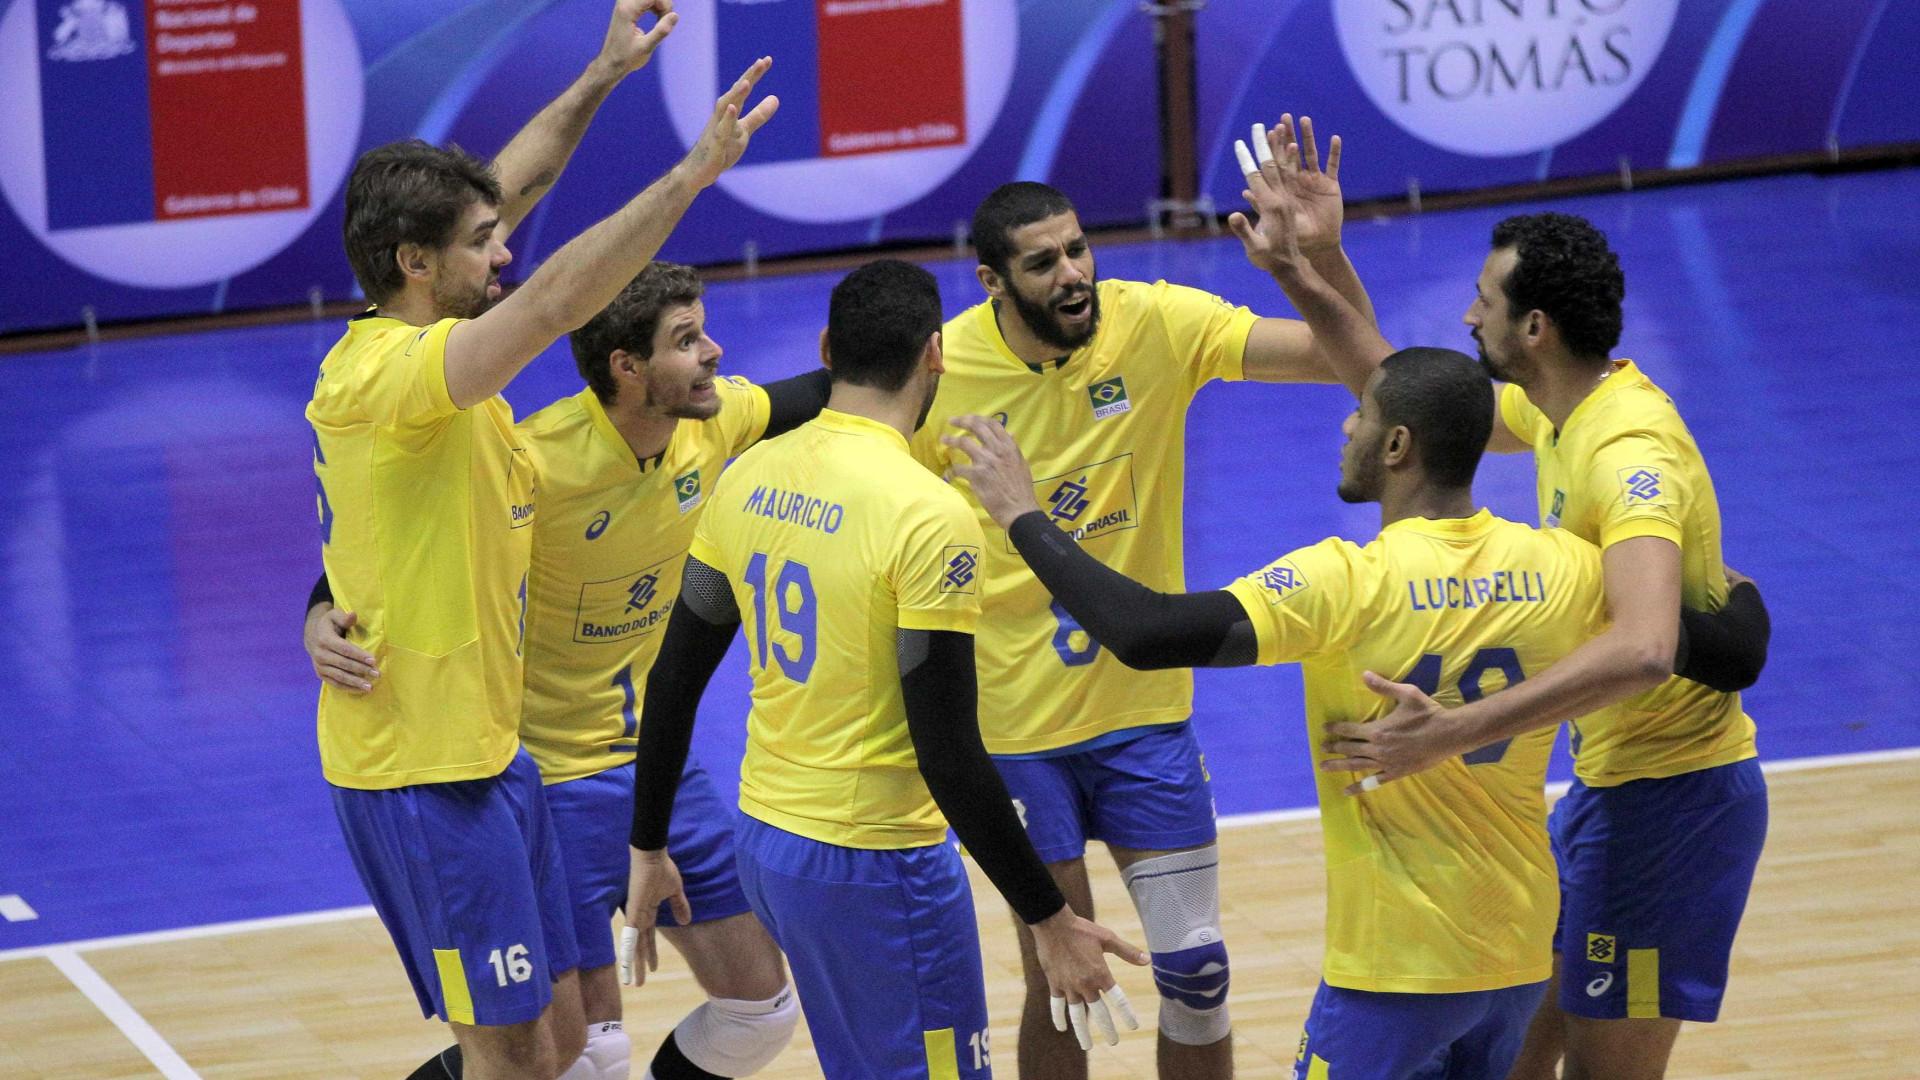 Campeão pela 31ª vez, Brasil bate a Venezuela e garante vaga no Mundial